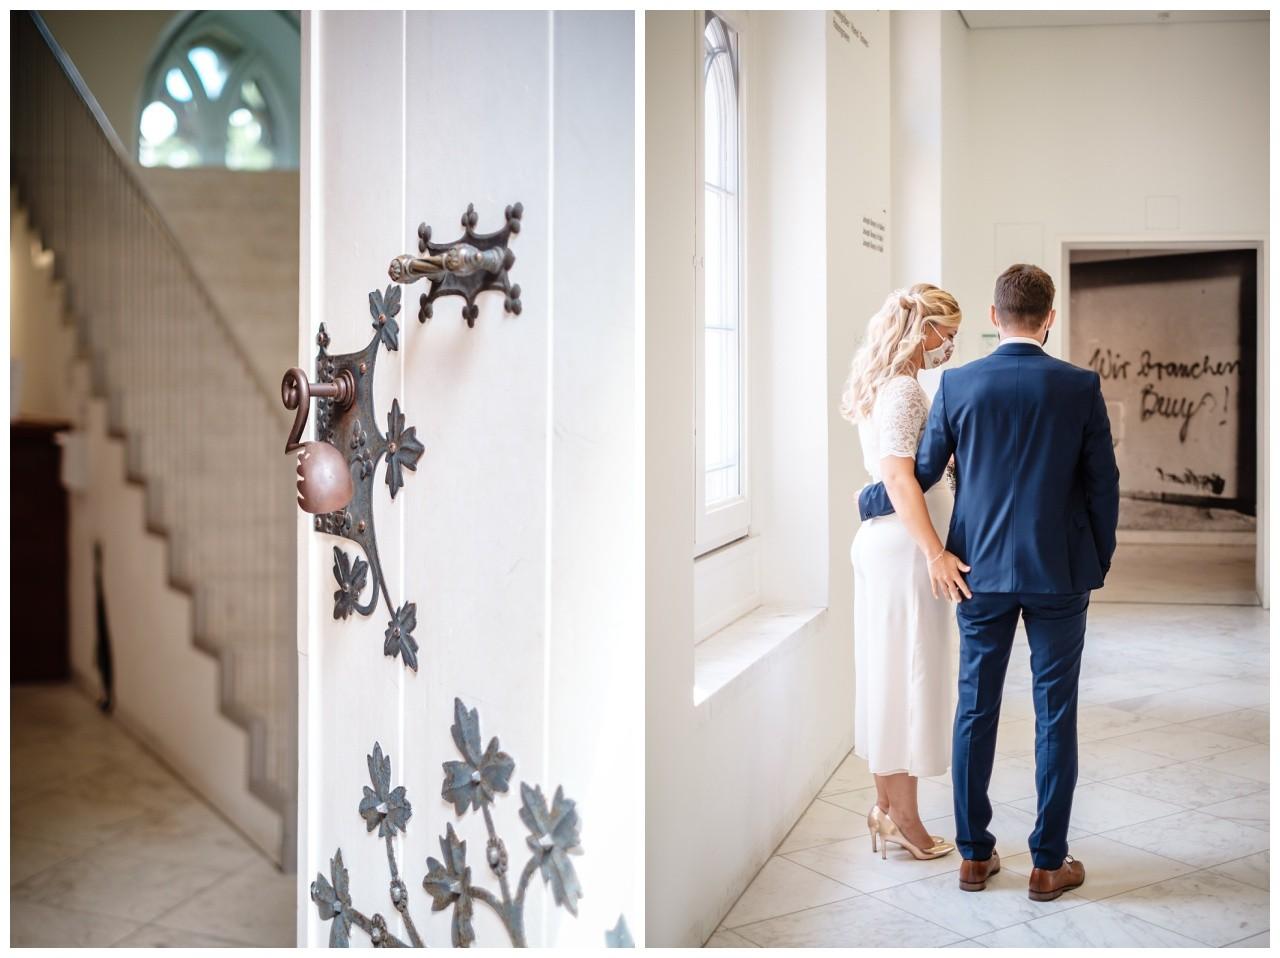 hochzeit standesamt standesamtliche Trauung schloss Moyland niederrhein fotograf 10 - Standesamtliche Hochzeit auf Schloss Moyland